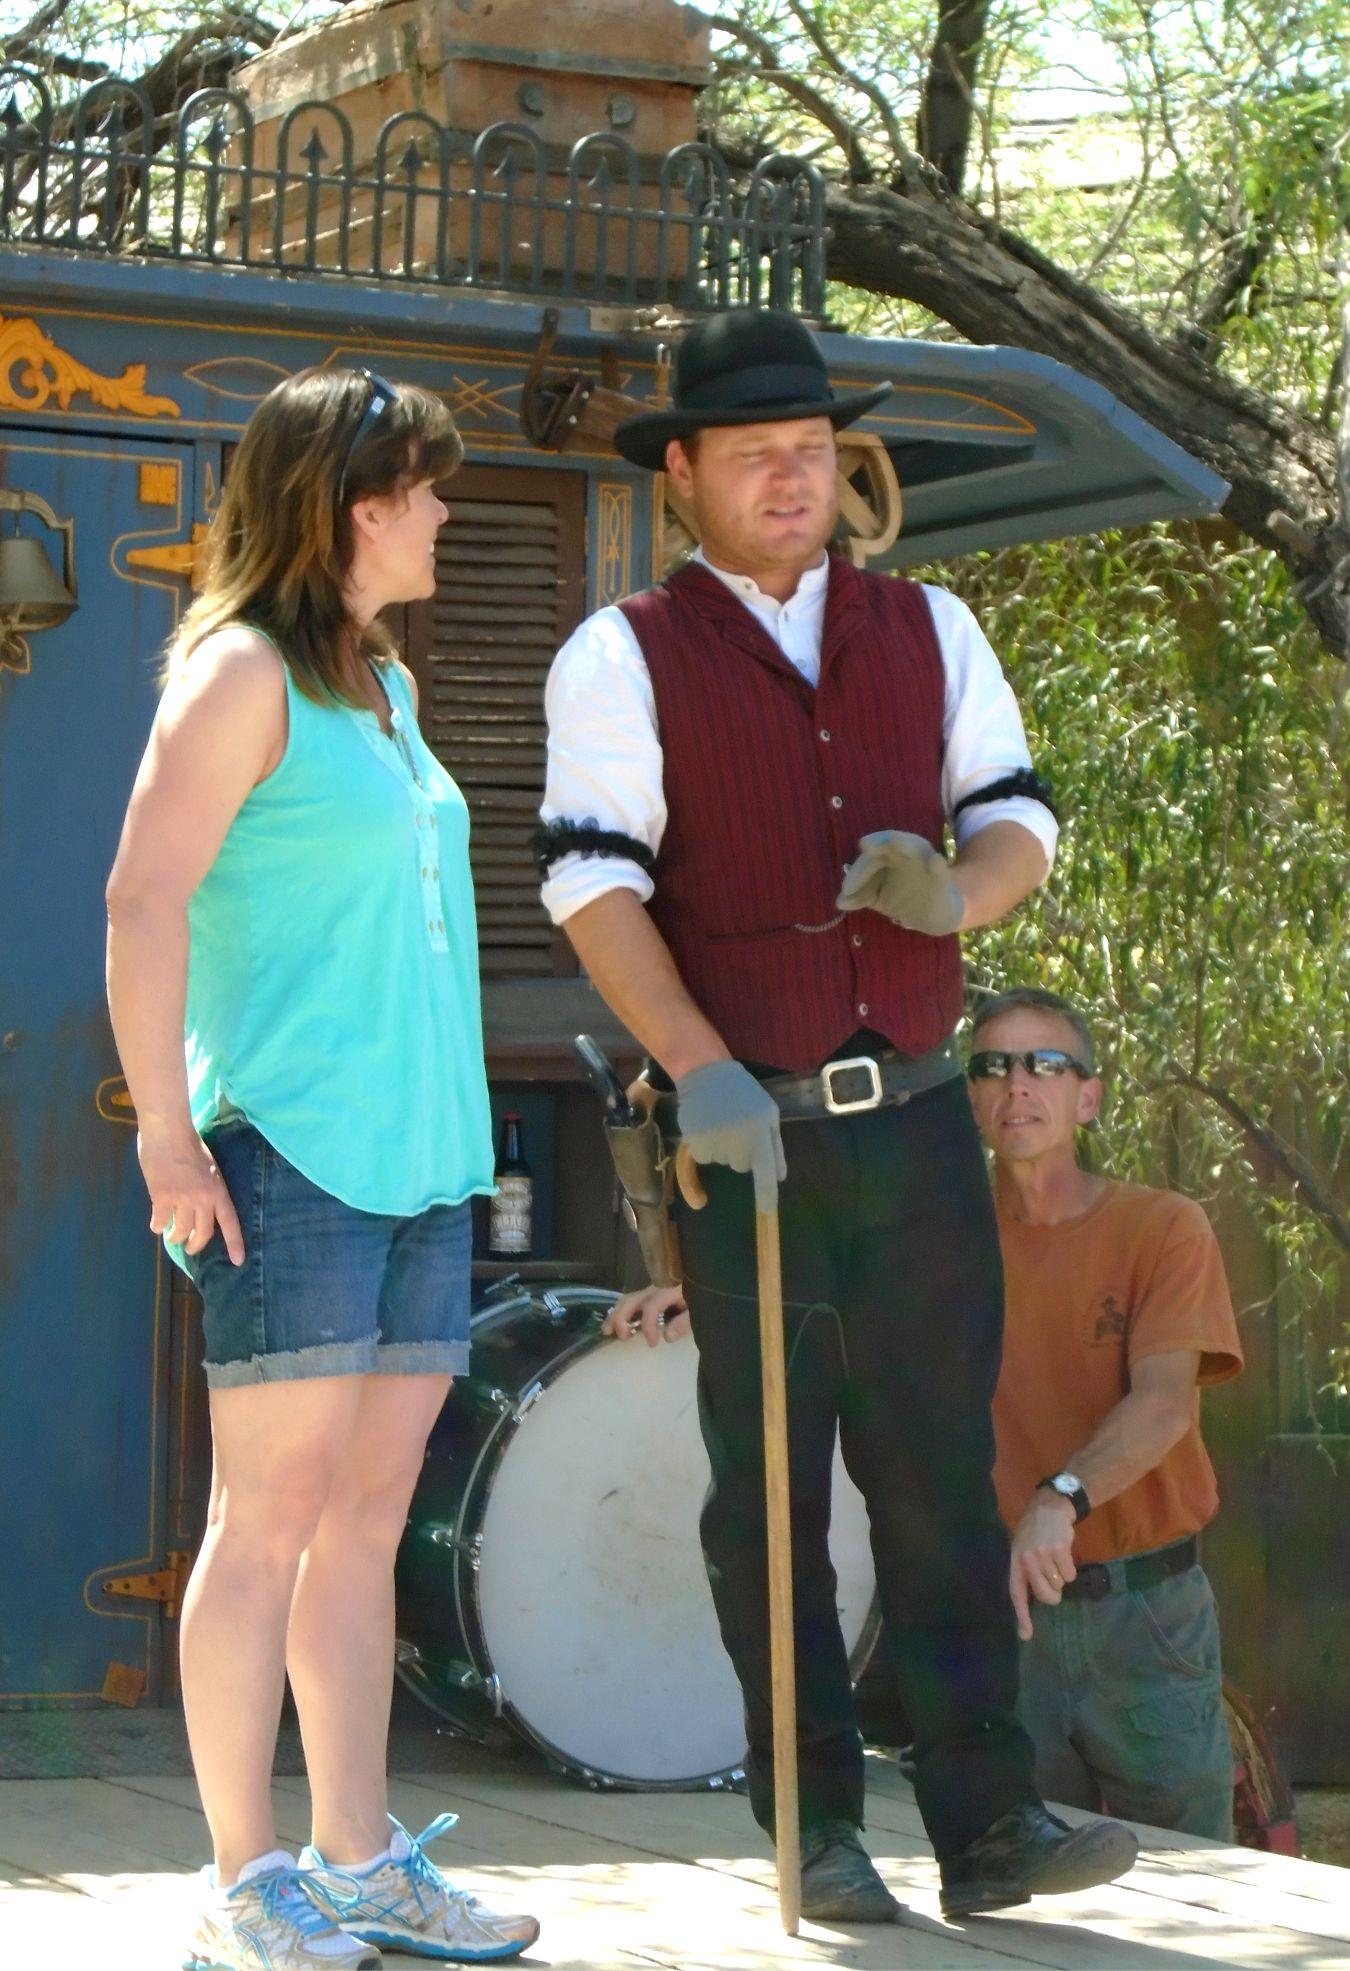 my holiday in arizona Phoenix, arizona news headlines from azfamilycom powered by ktvk 3tv & kpho cbs 5.